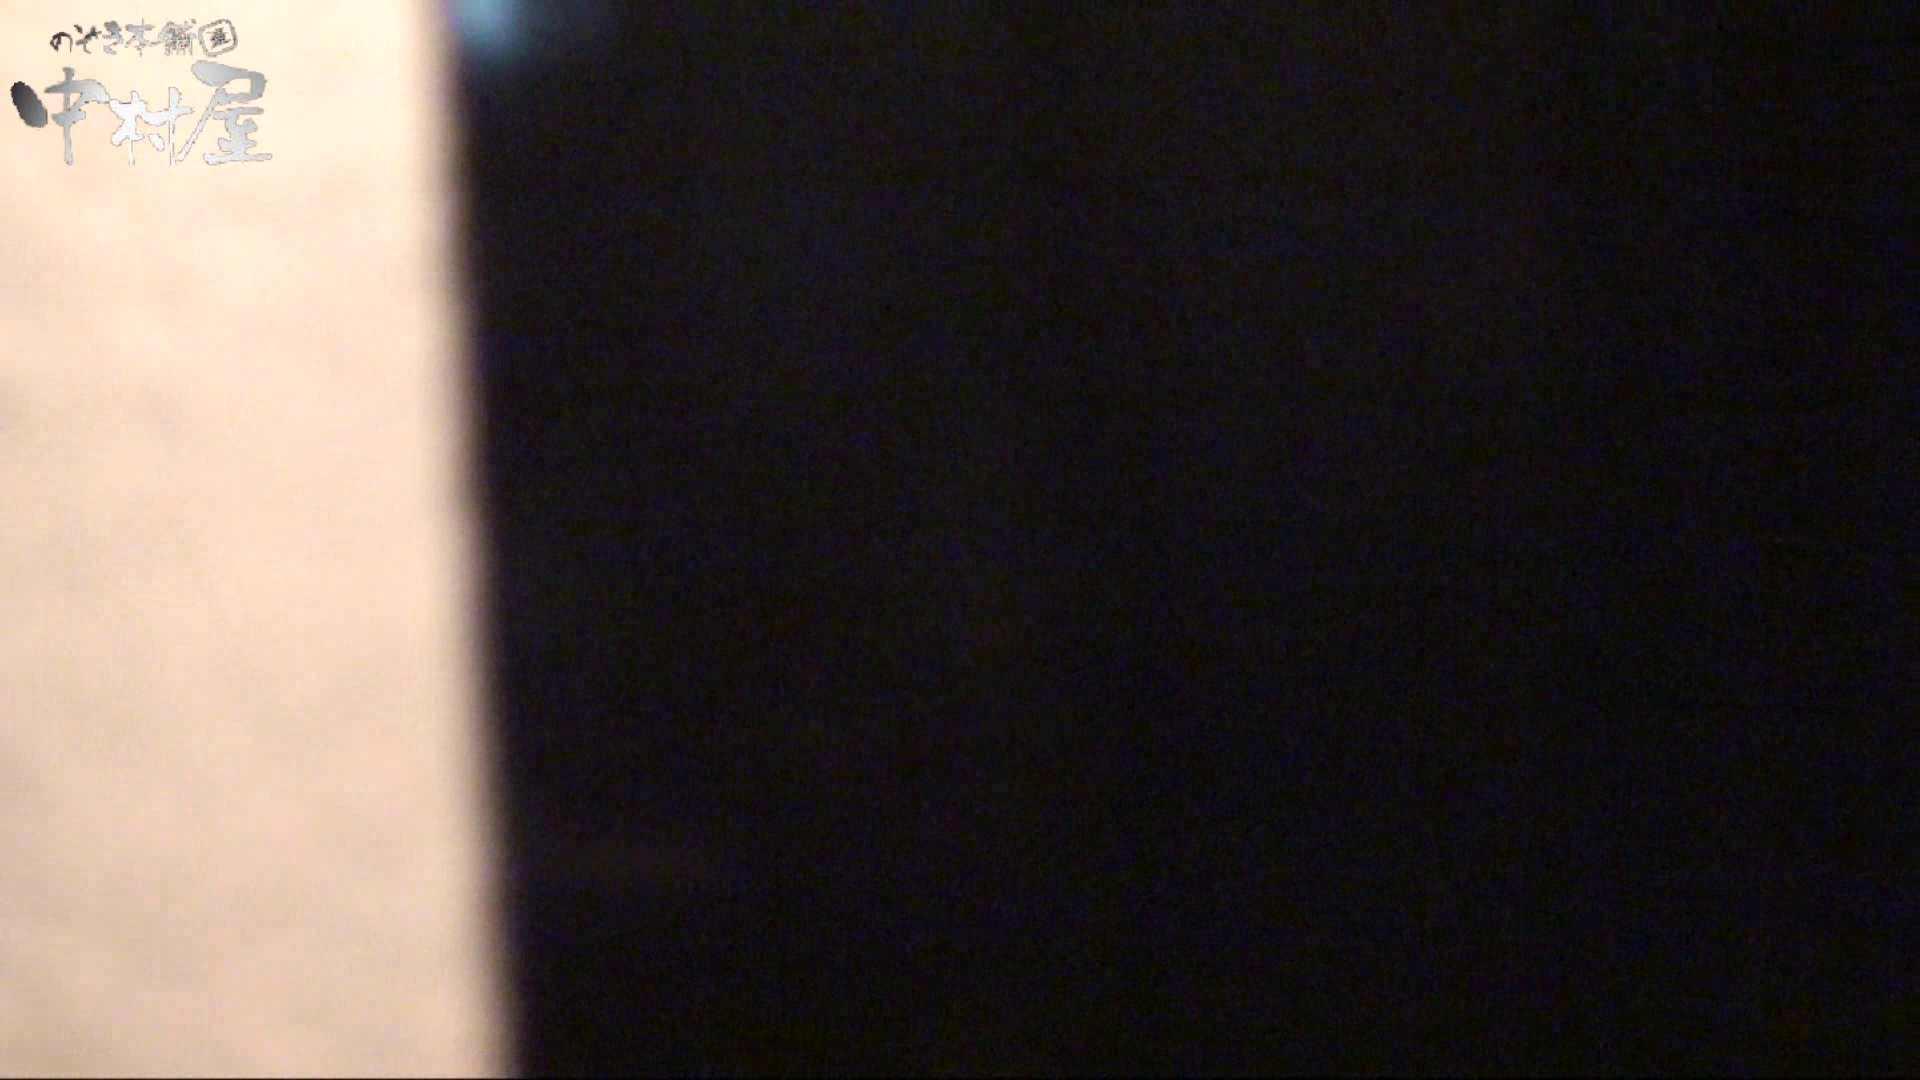 民家盗撮 隙間の向こう側 vol.01 民家   OLエロ画像  105PICs 37